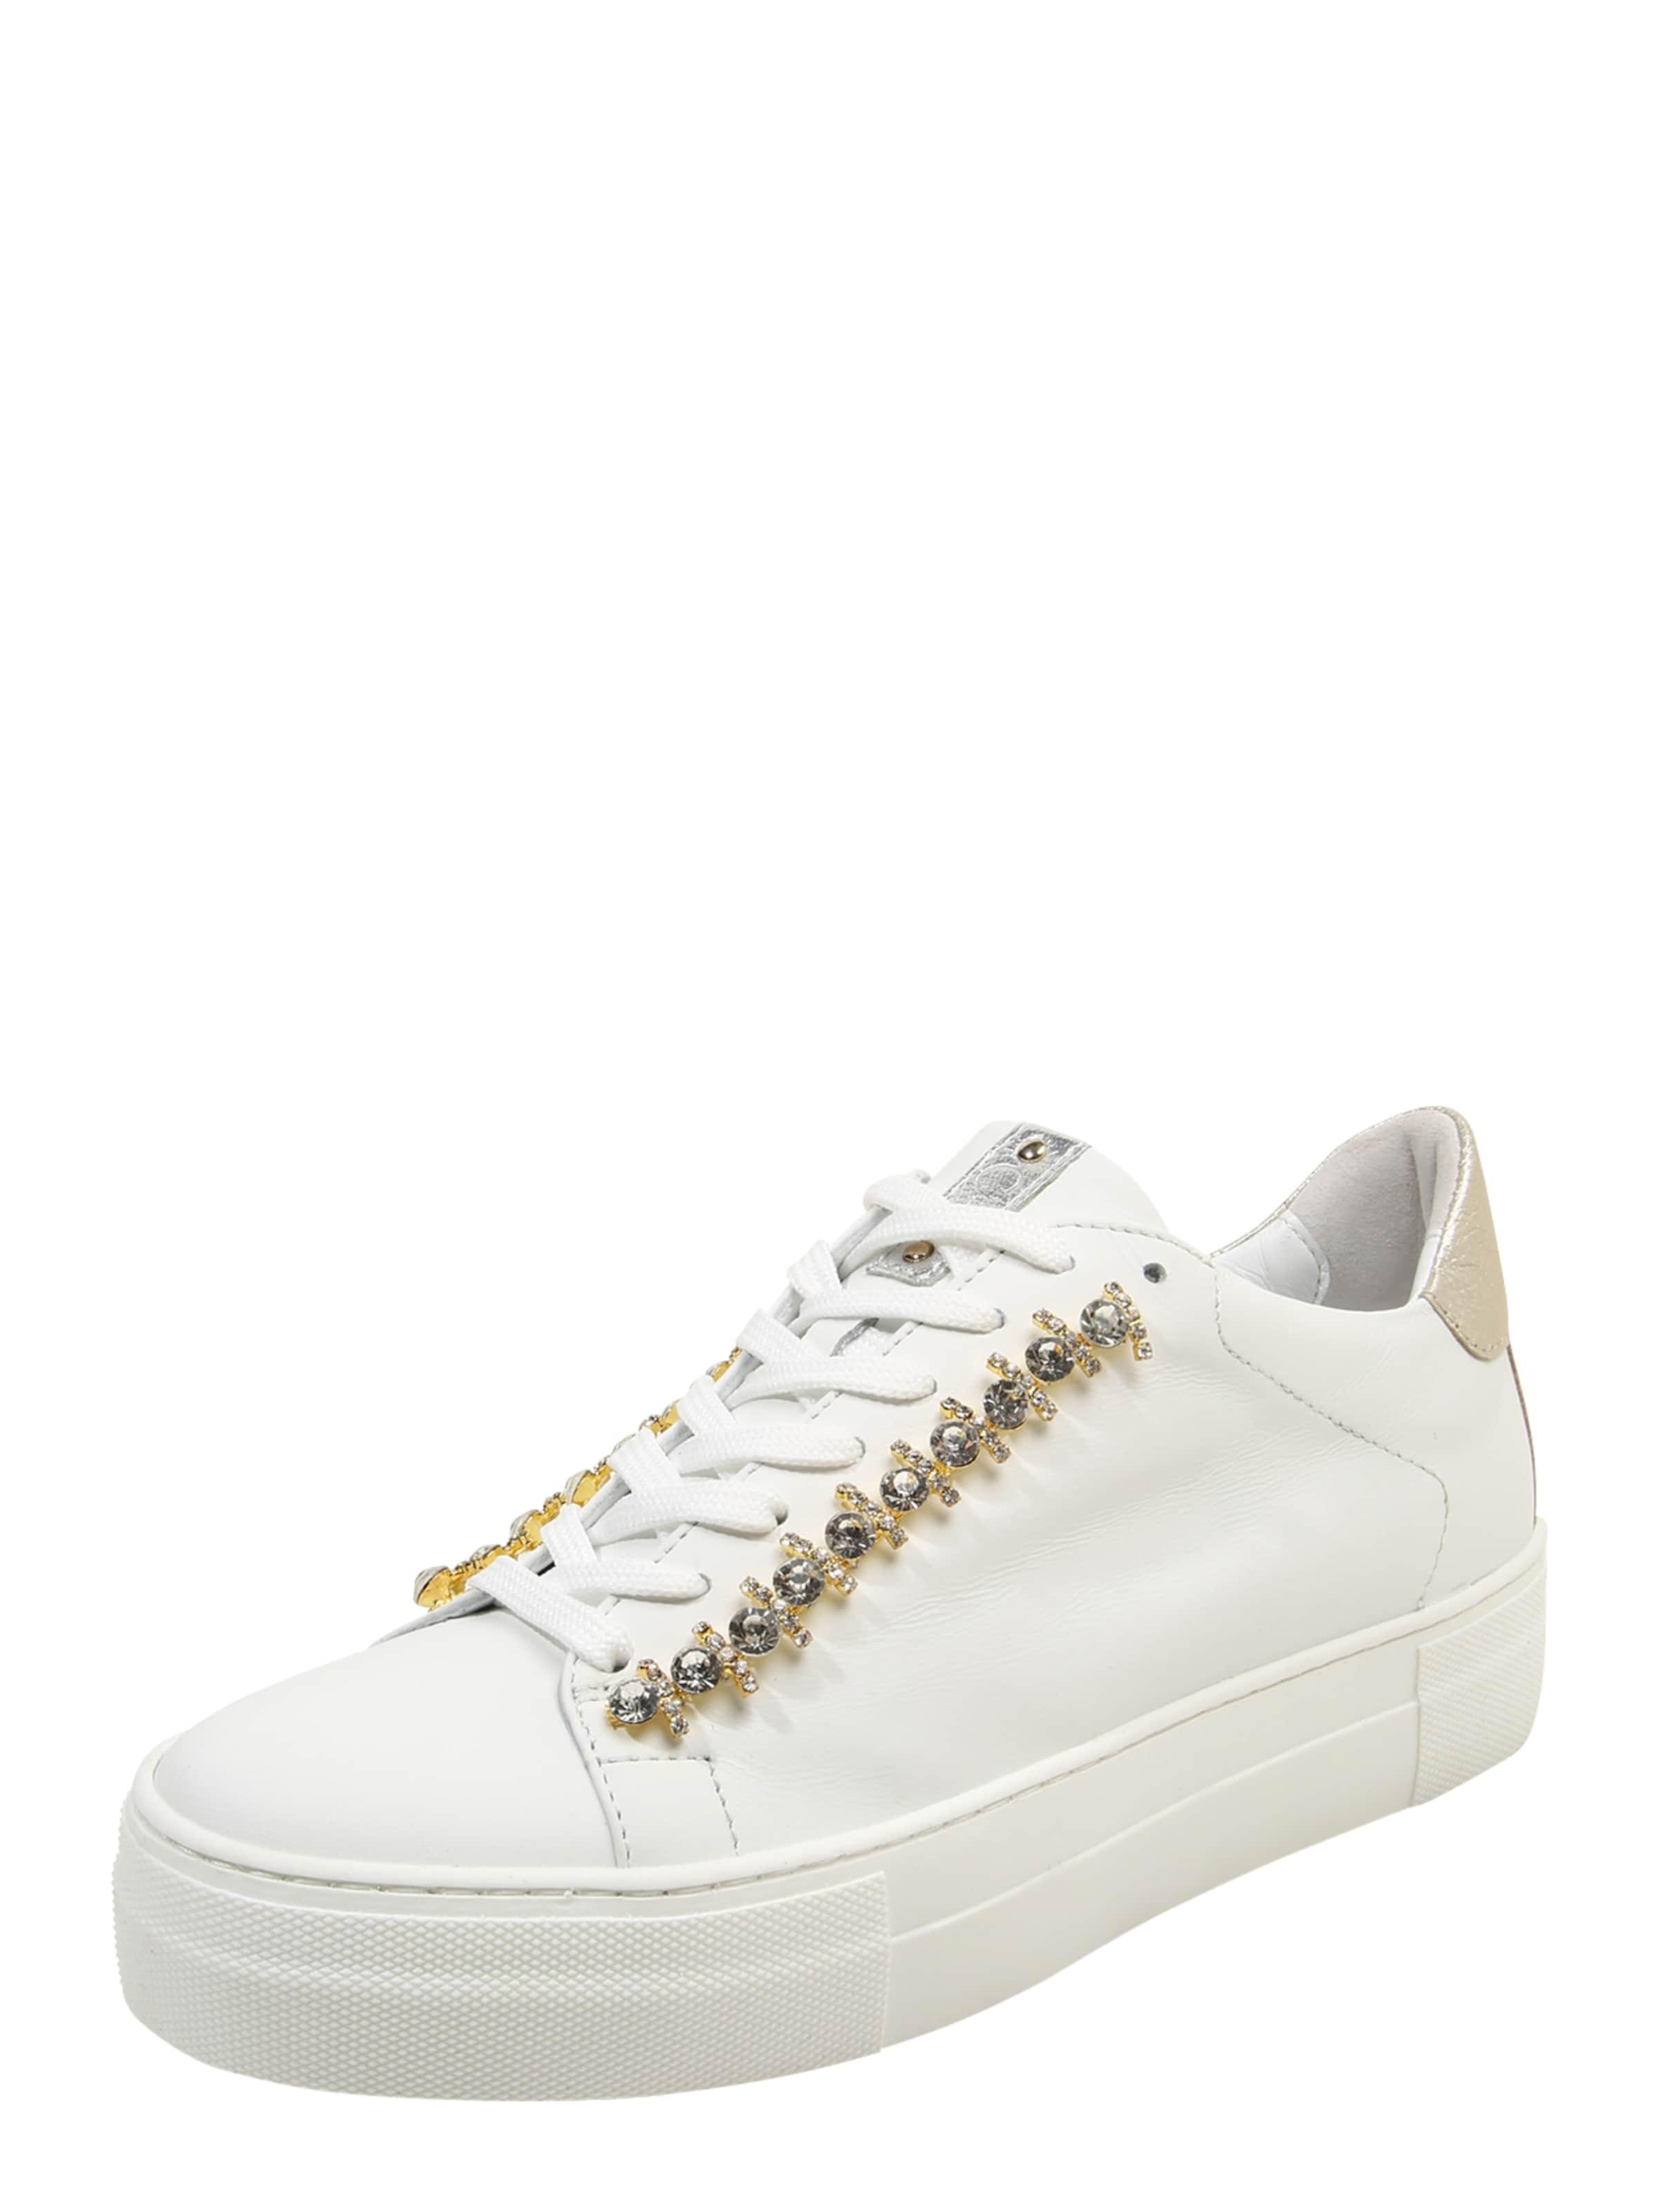 Donna Carolina Sneaker mit Ziersteinen Hohe Qualität